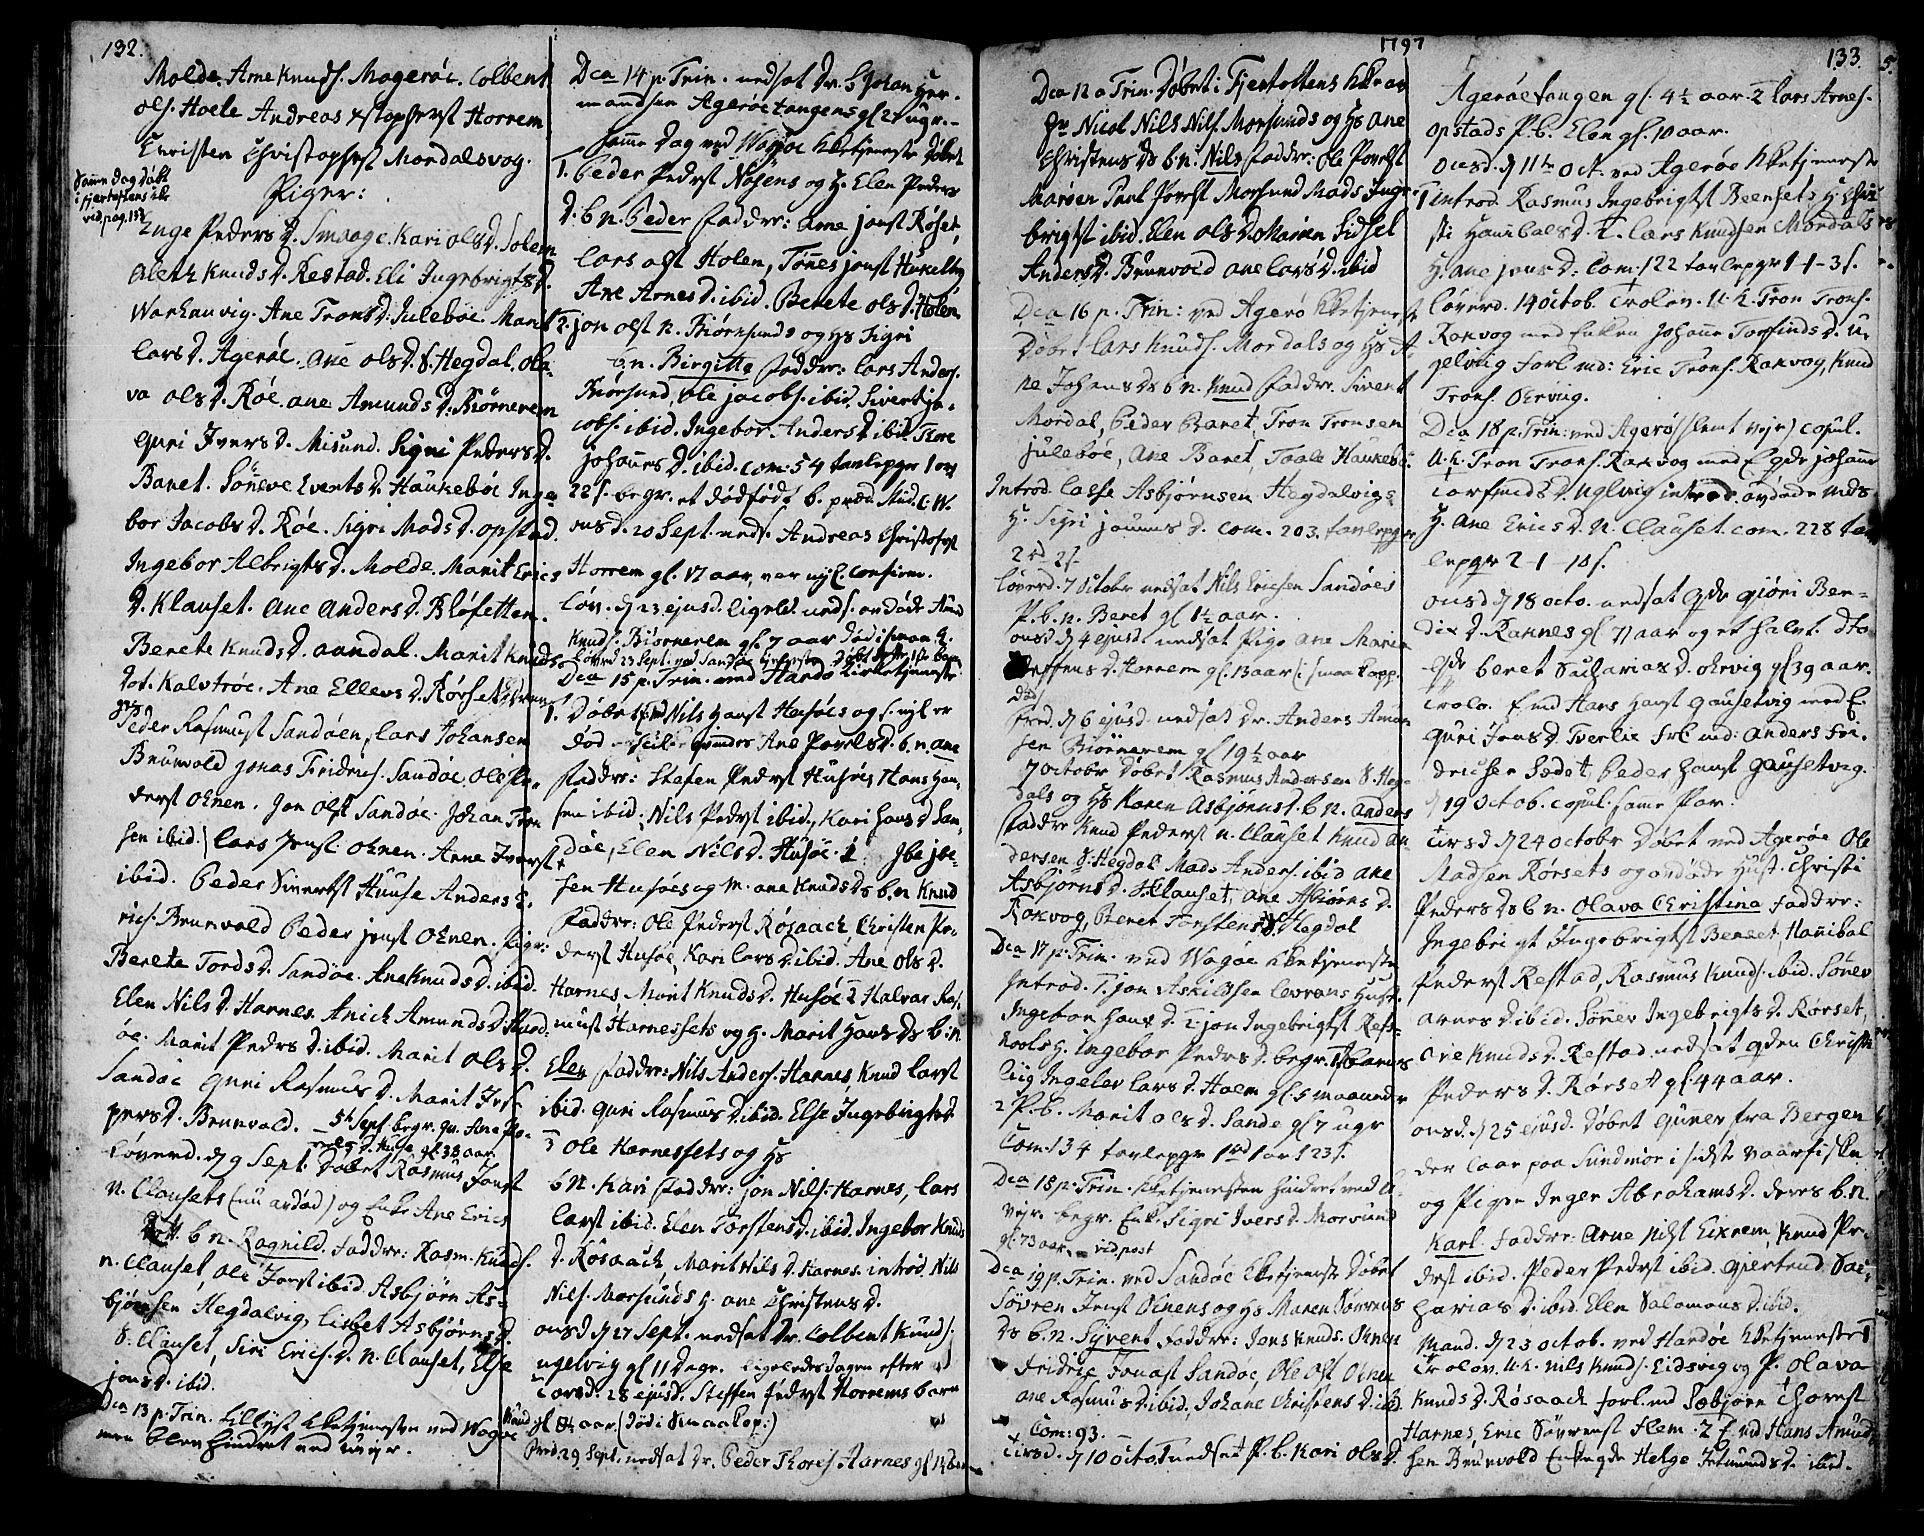 SAT, Ministerialprotokoller, klokkerbøker og fødselsregistre - Møre og Romsdal, 560/L0717: Ministerialbok nr. 560A01, 1785-1808, s. 132-133